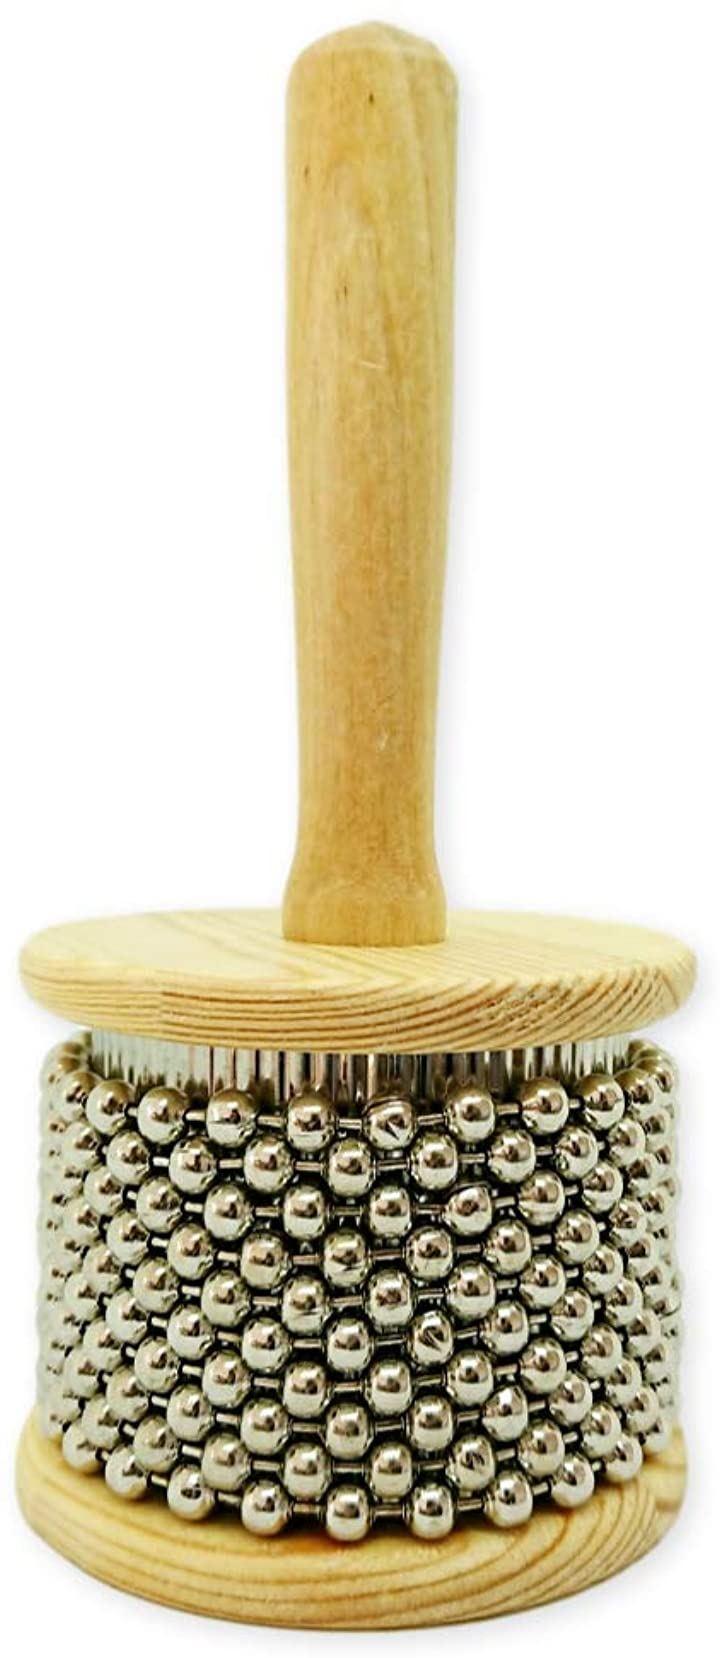 カバサ 木製 パーカッション メタル ビーズ チェーン シリンダー ポップ ハンド シェーカー 円筒 楽器